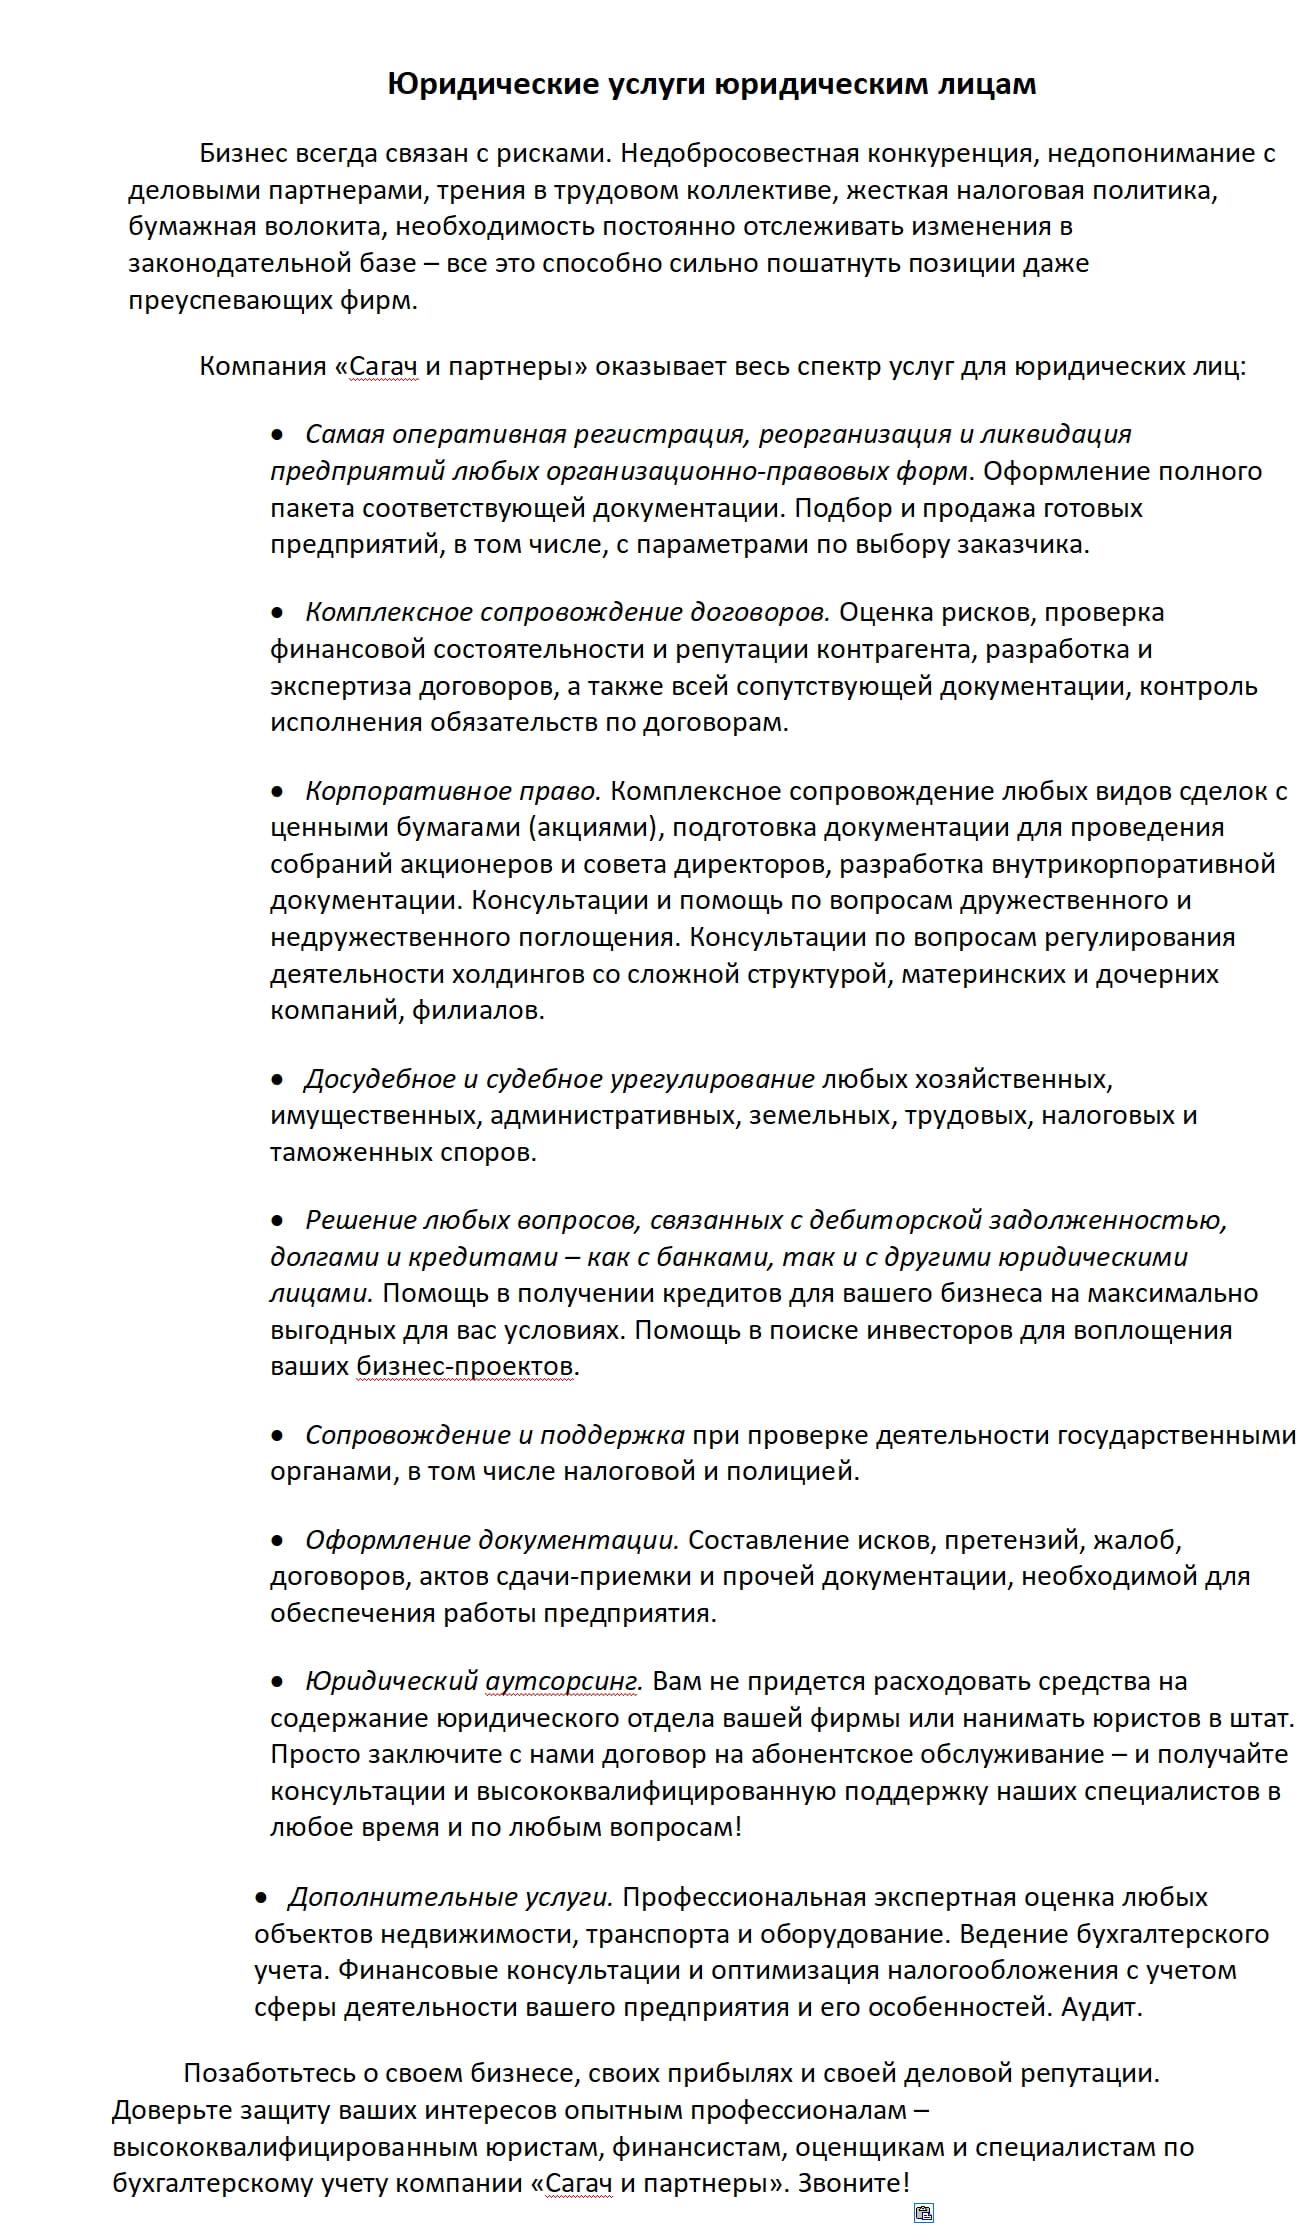 статья, текст, юридические услуги для физлиц, портфолио копирайтера